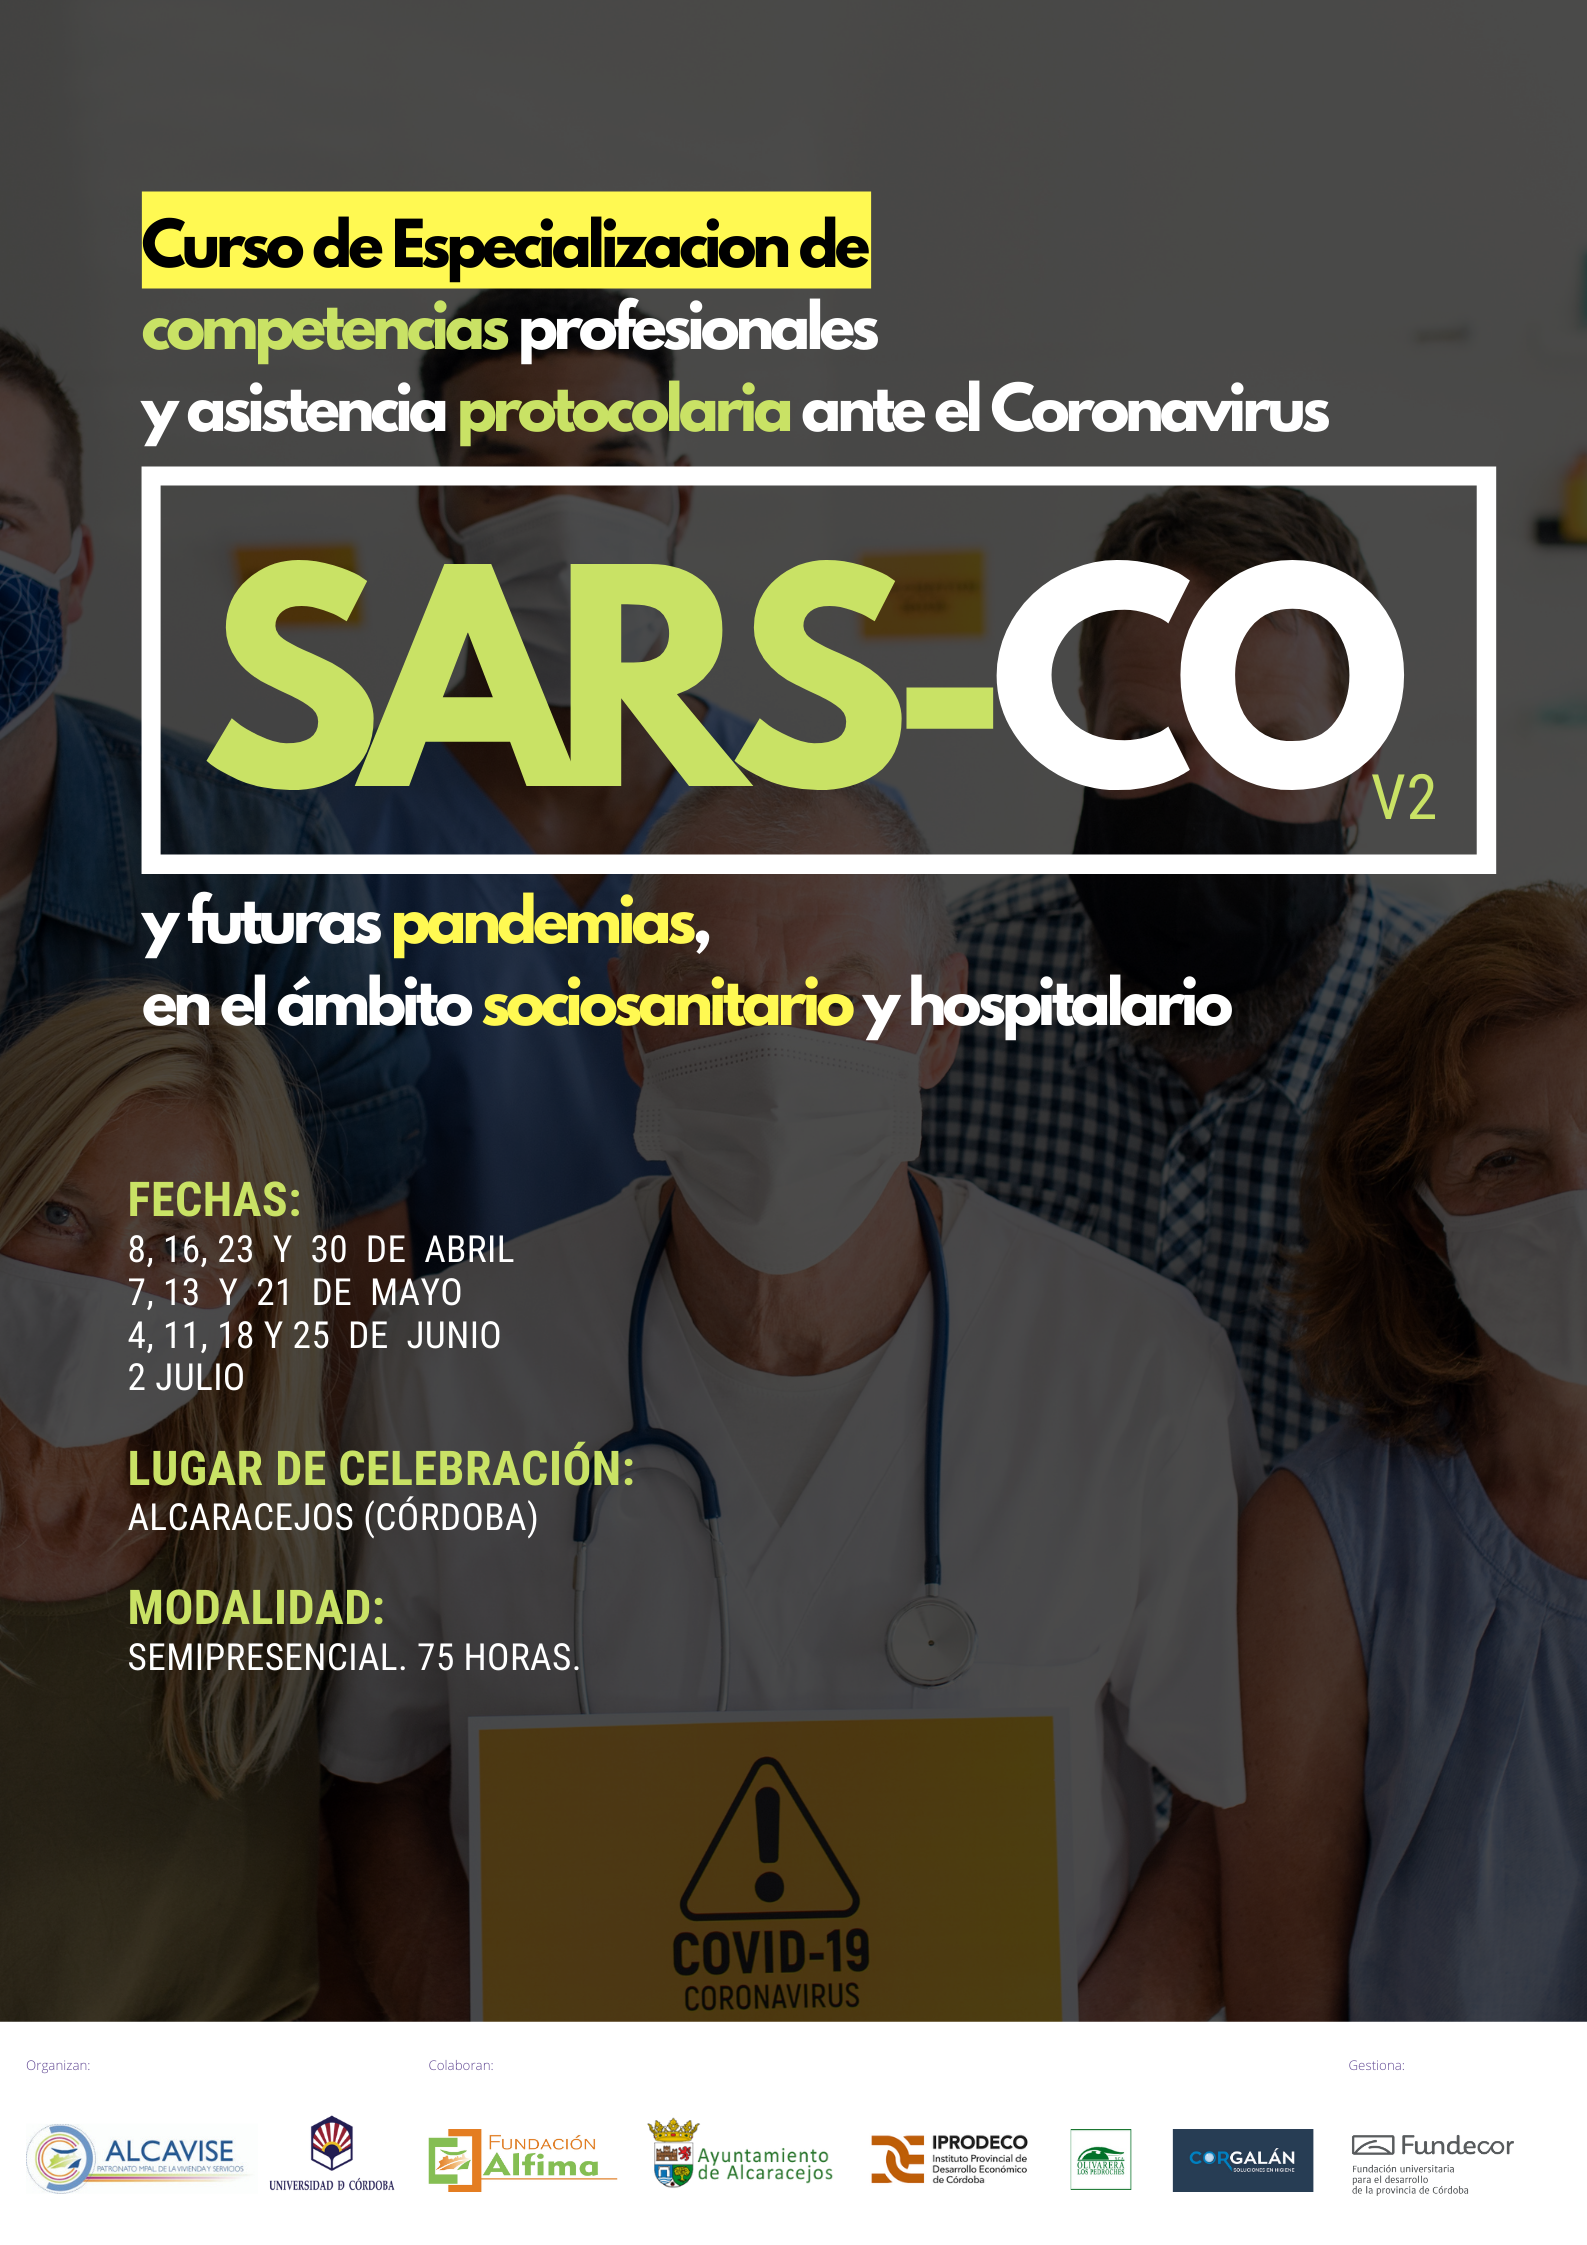 Curso de Especialización SARS-Co V-2 en el ámbito sociosanitario y hospitalario